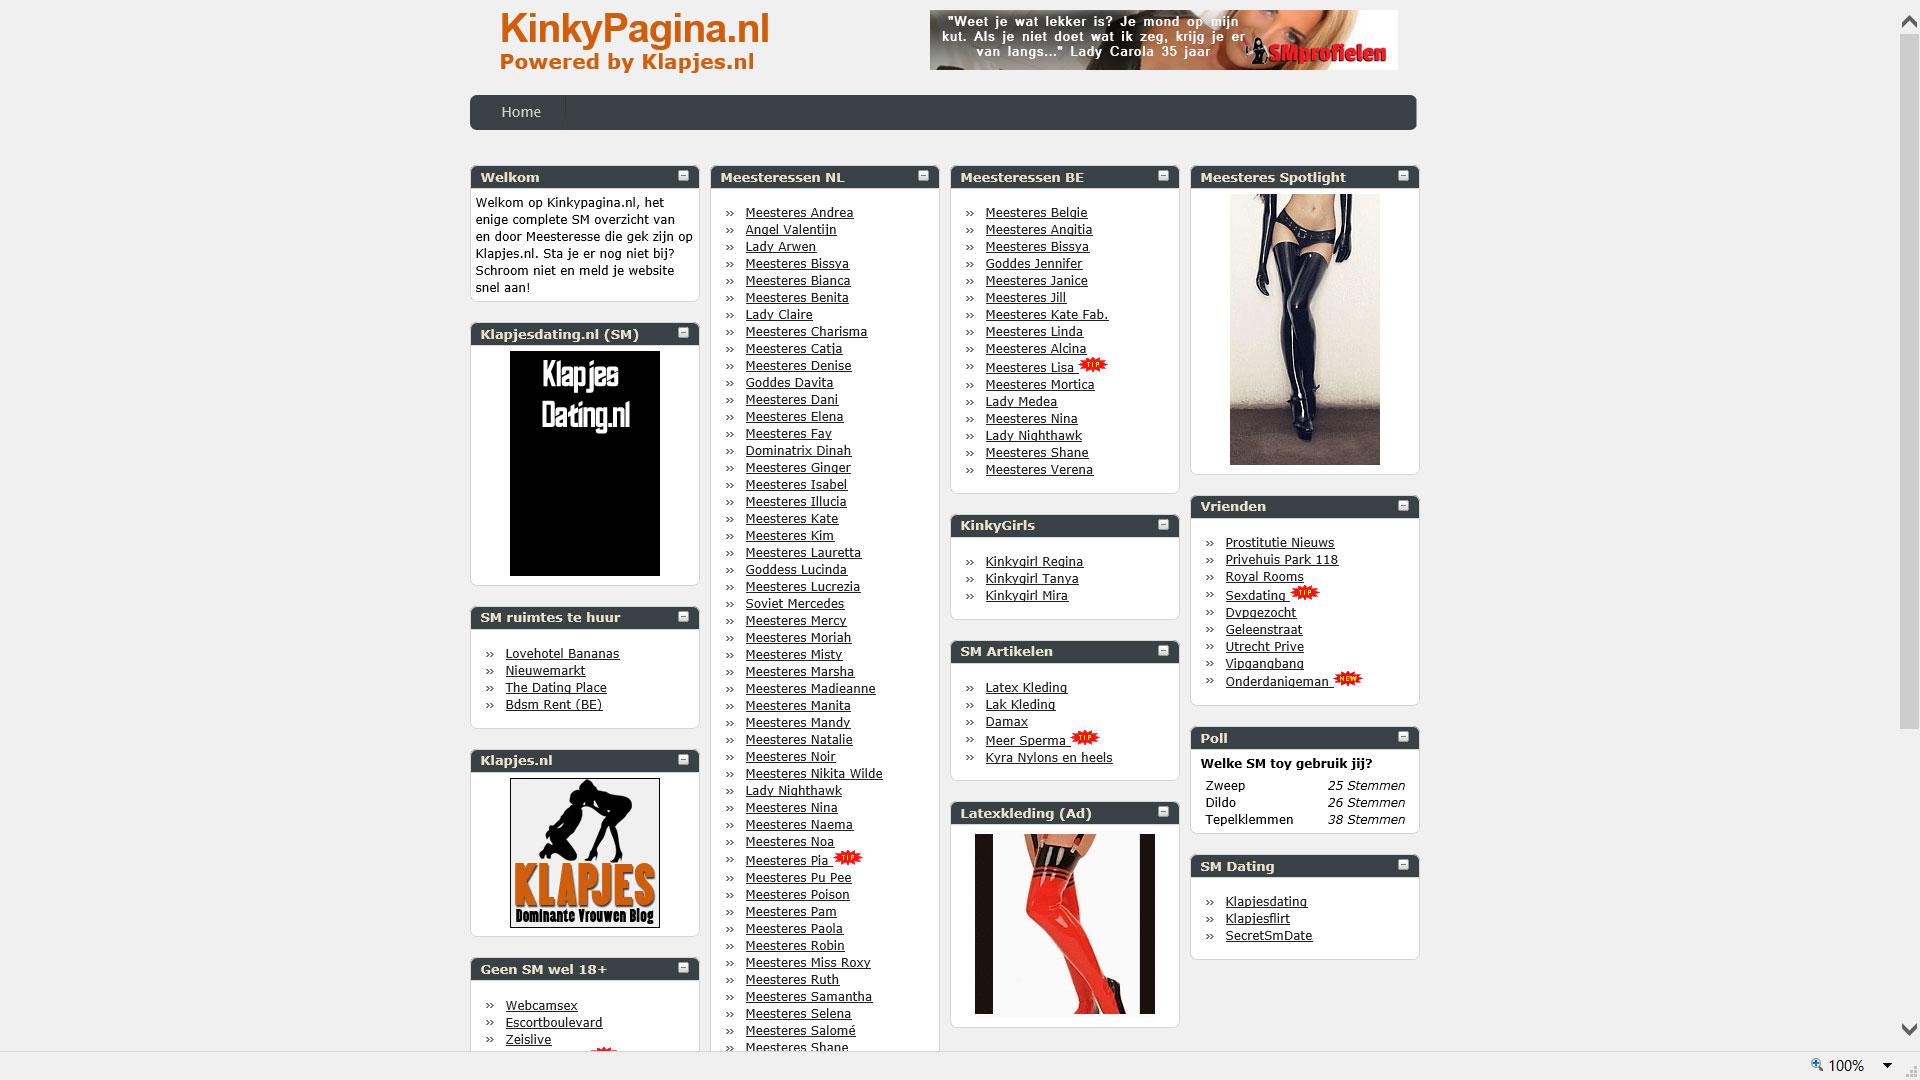 Kinkypagina.nl